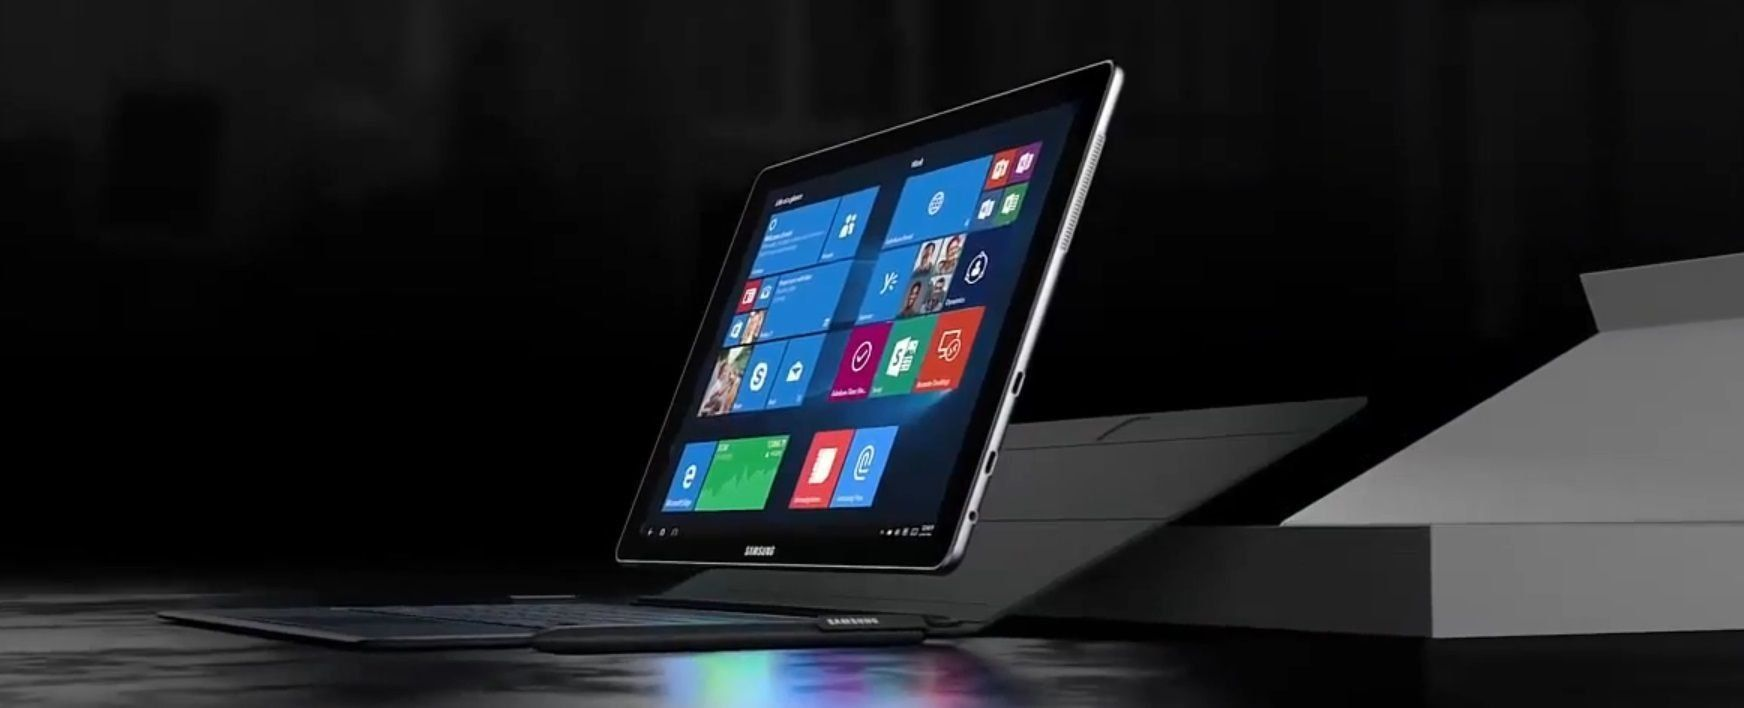 Планшетный компьютер Samsung Galaxy Book2 на Windows – достоинства и недостатки